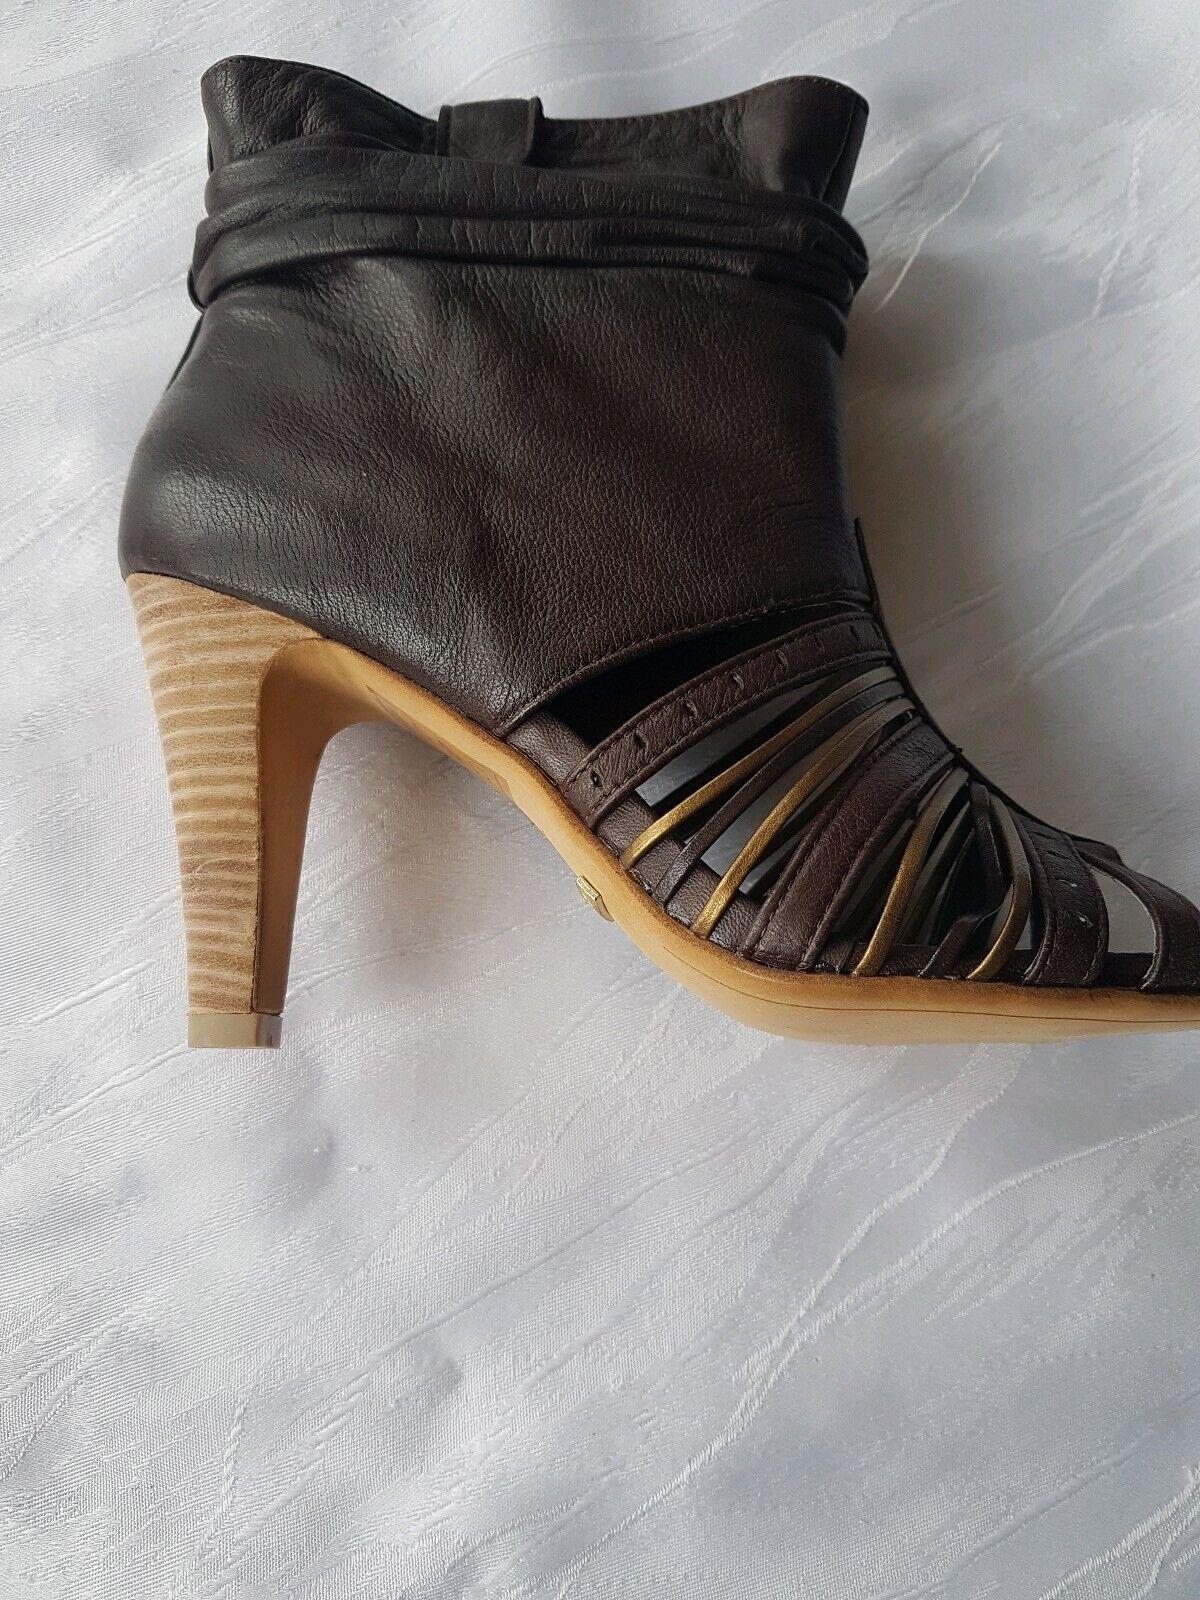 Damen Leder Halbschuh MEXX Stiefelette Leder Mix Braun  Gr. 39 Top